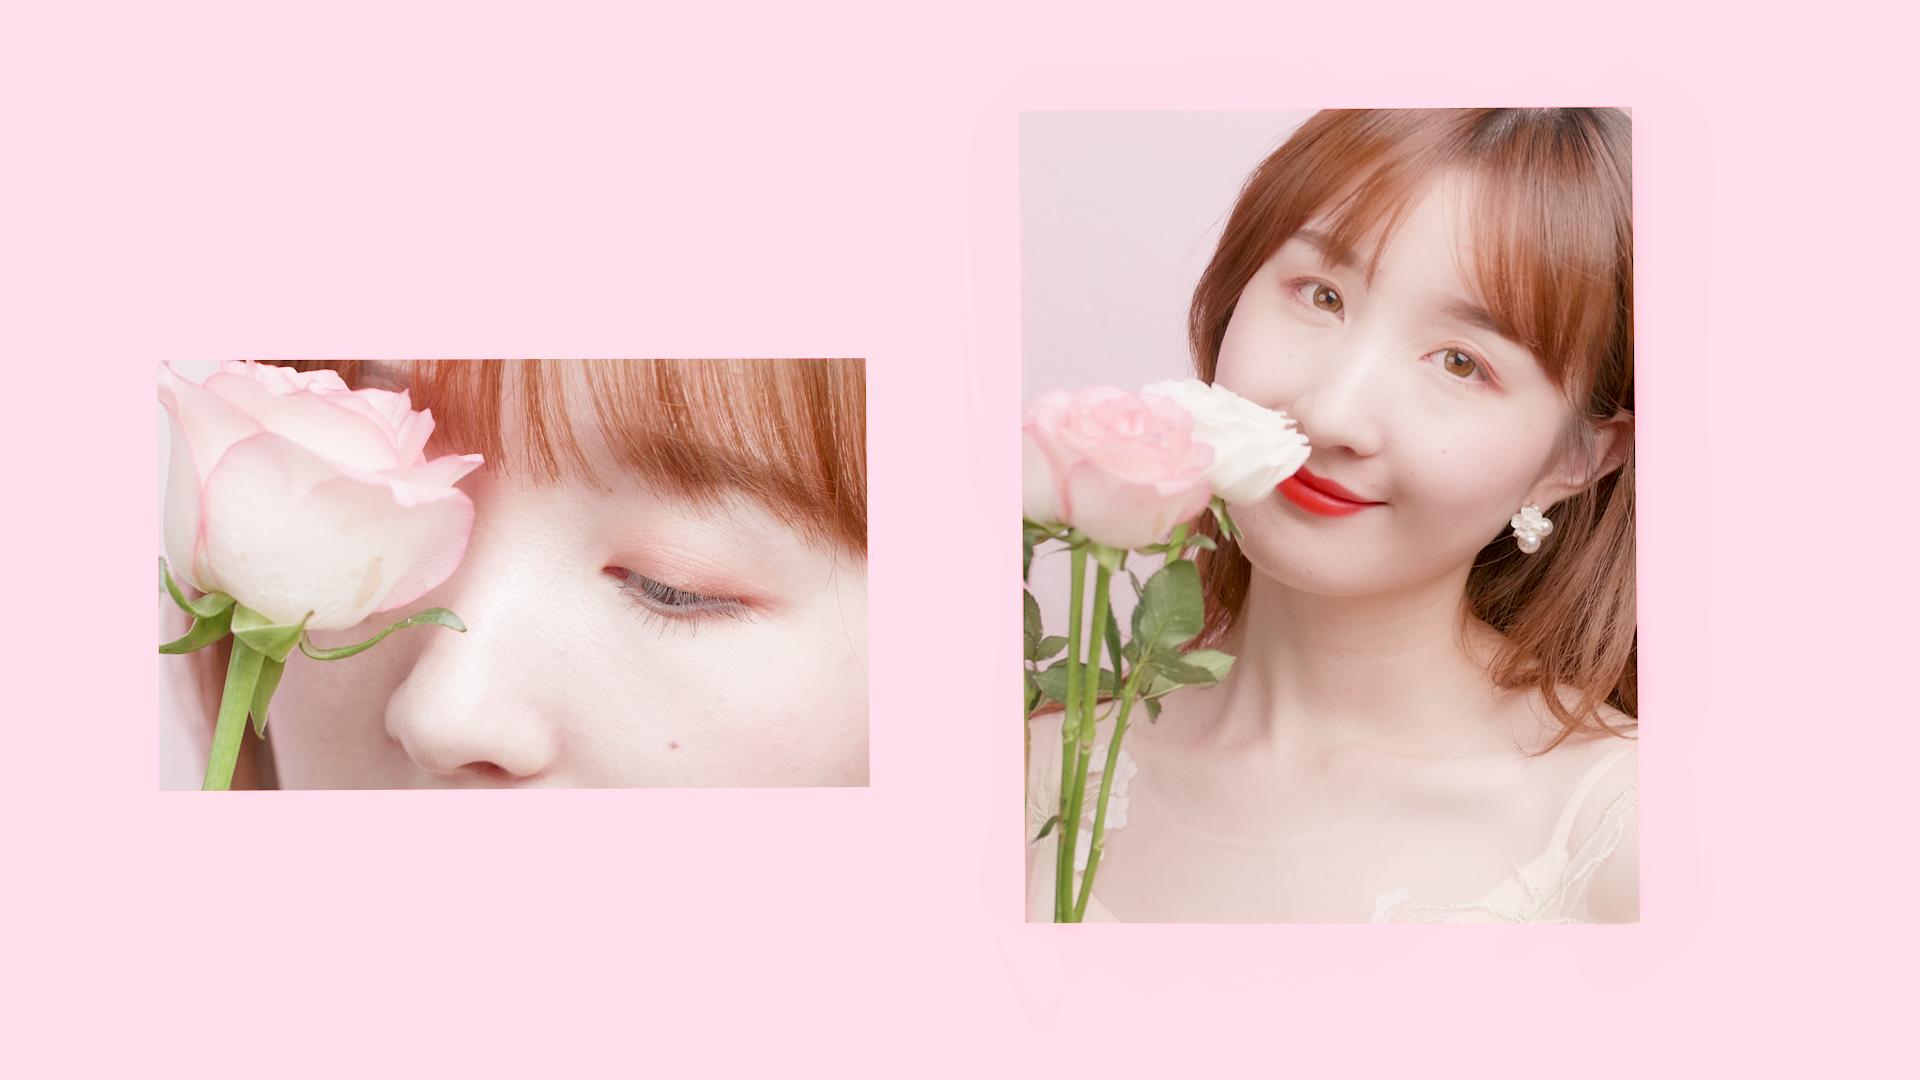 七夕『脱单秘籍』——只需3步轻松打造甜美妆容